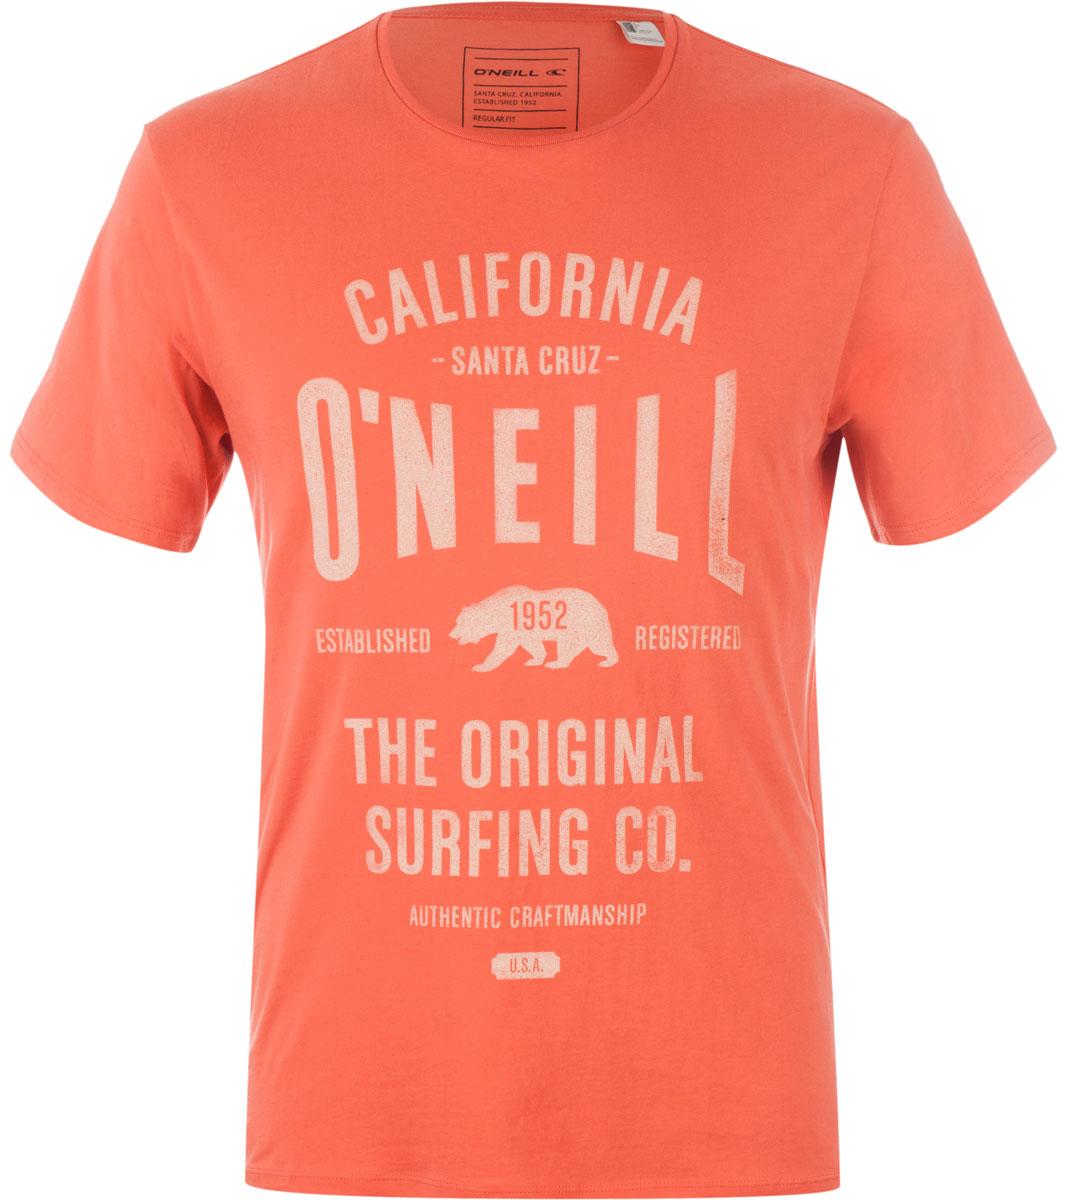 Футболка мужская ONeill Lm Muir T-Shirt, цвет: оранжевый. 7A3657-3066. Размер S (46/48)7A3657-3066Футболка мужская ONeill выполнена из 100% хлопка. Модель имеет стандартный крой, короткий рукав и круглый вырез горловины. Футболка дополнена надписями.